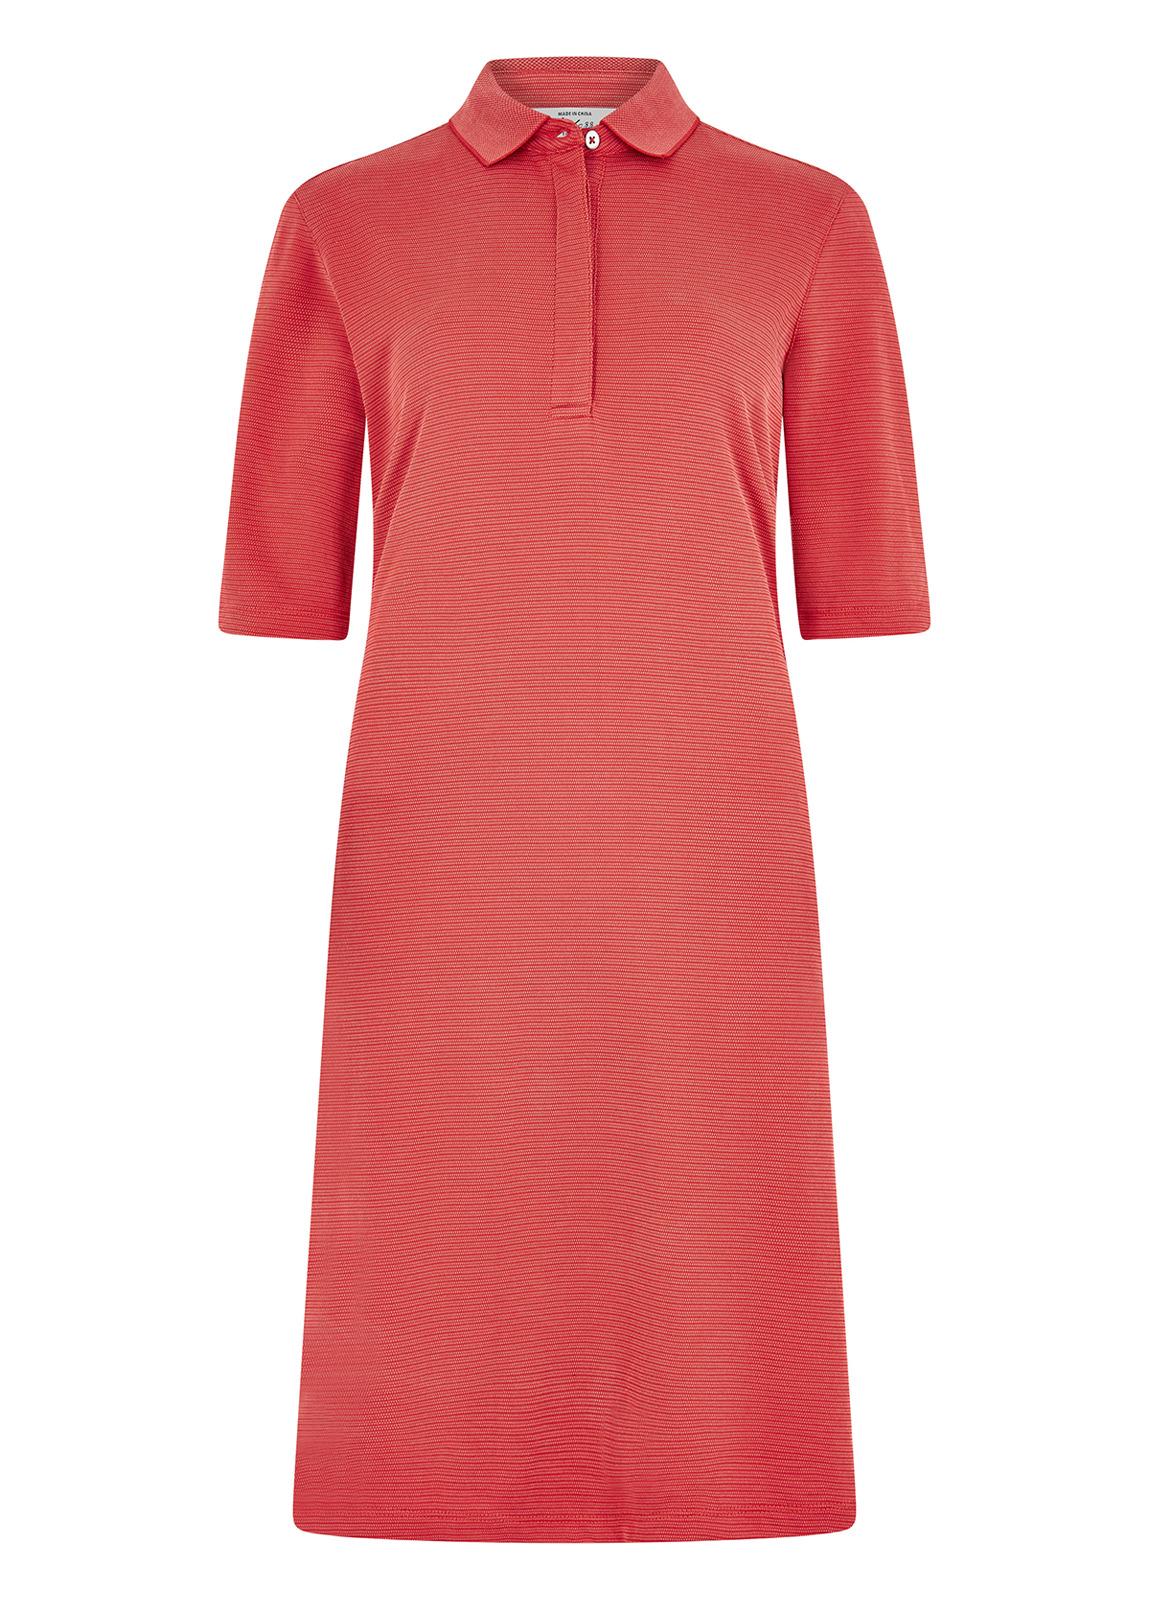 Dubarry_Ardee Dress - Poppy_Image_2